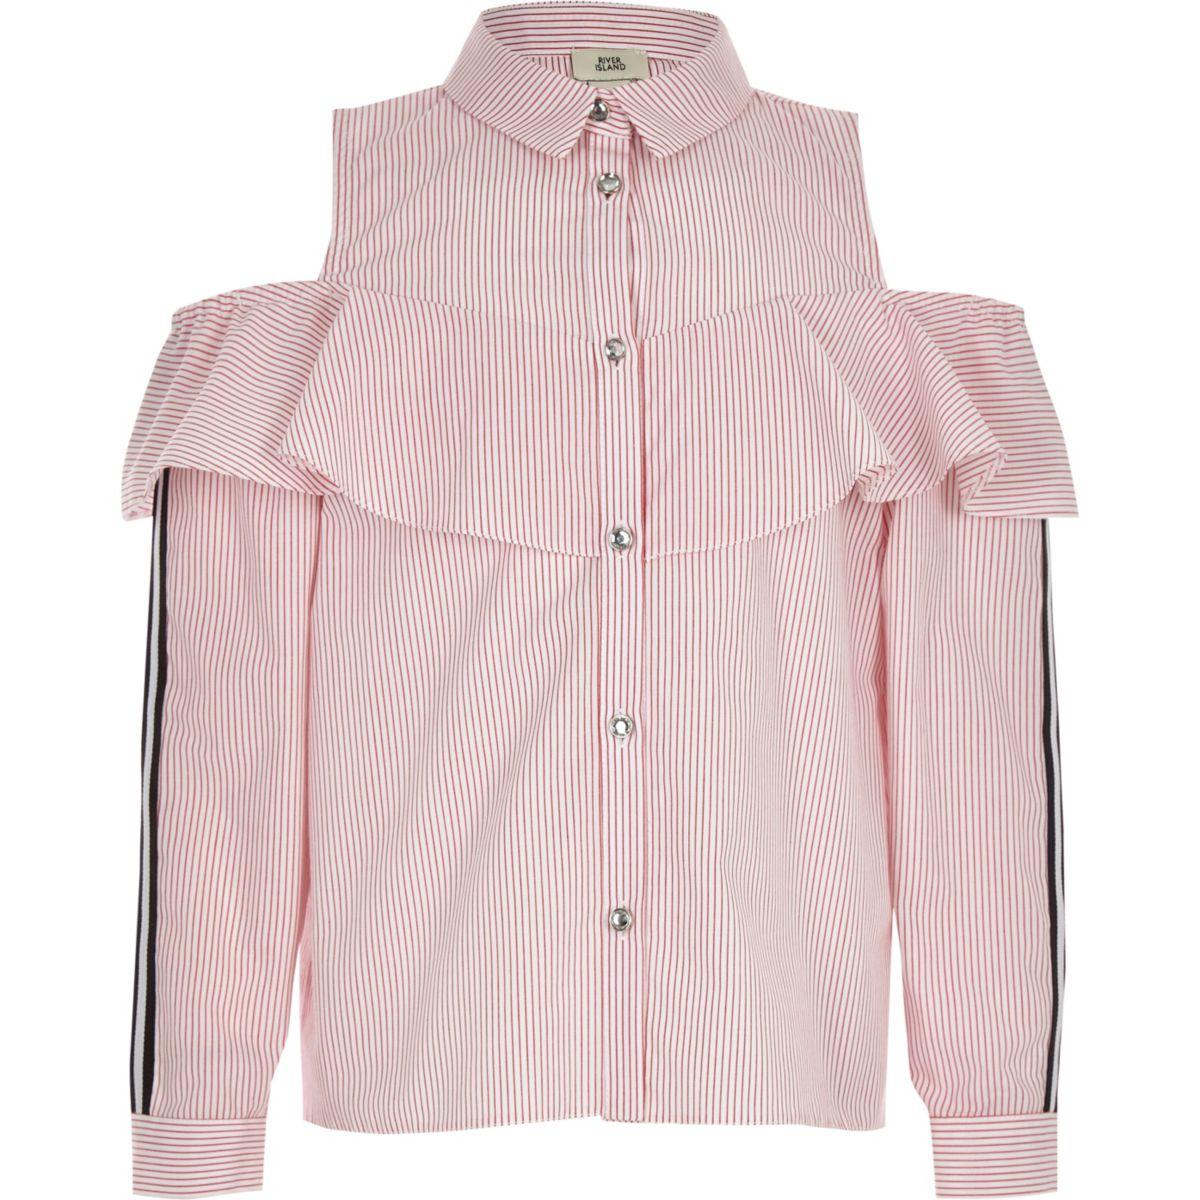 ffaa3767af9 Girls red stripe cold shoulder shirt - Shirts - Tops - girls